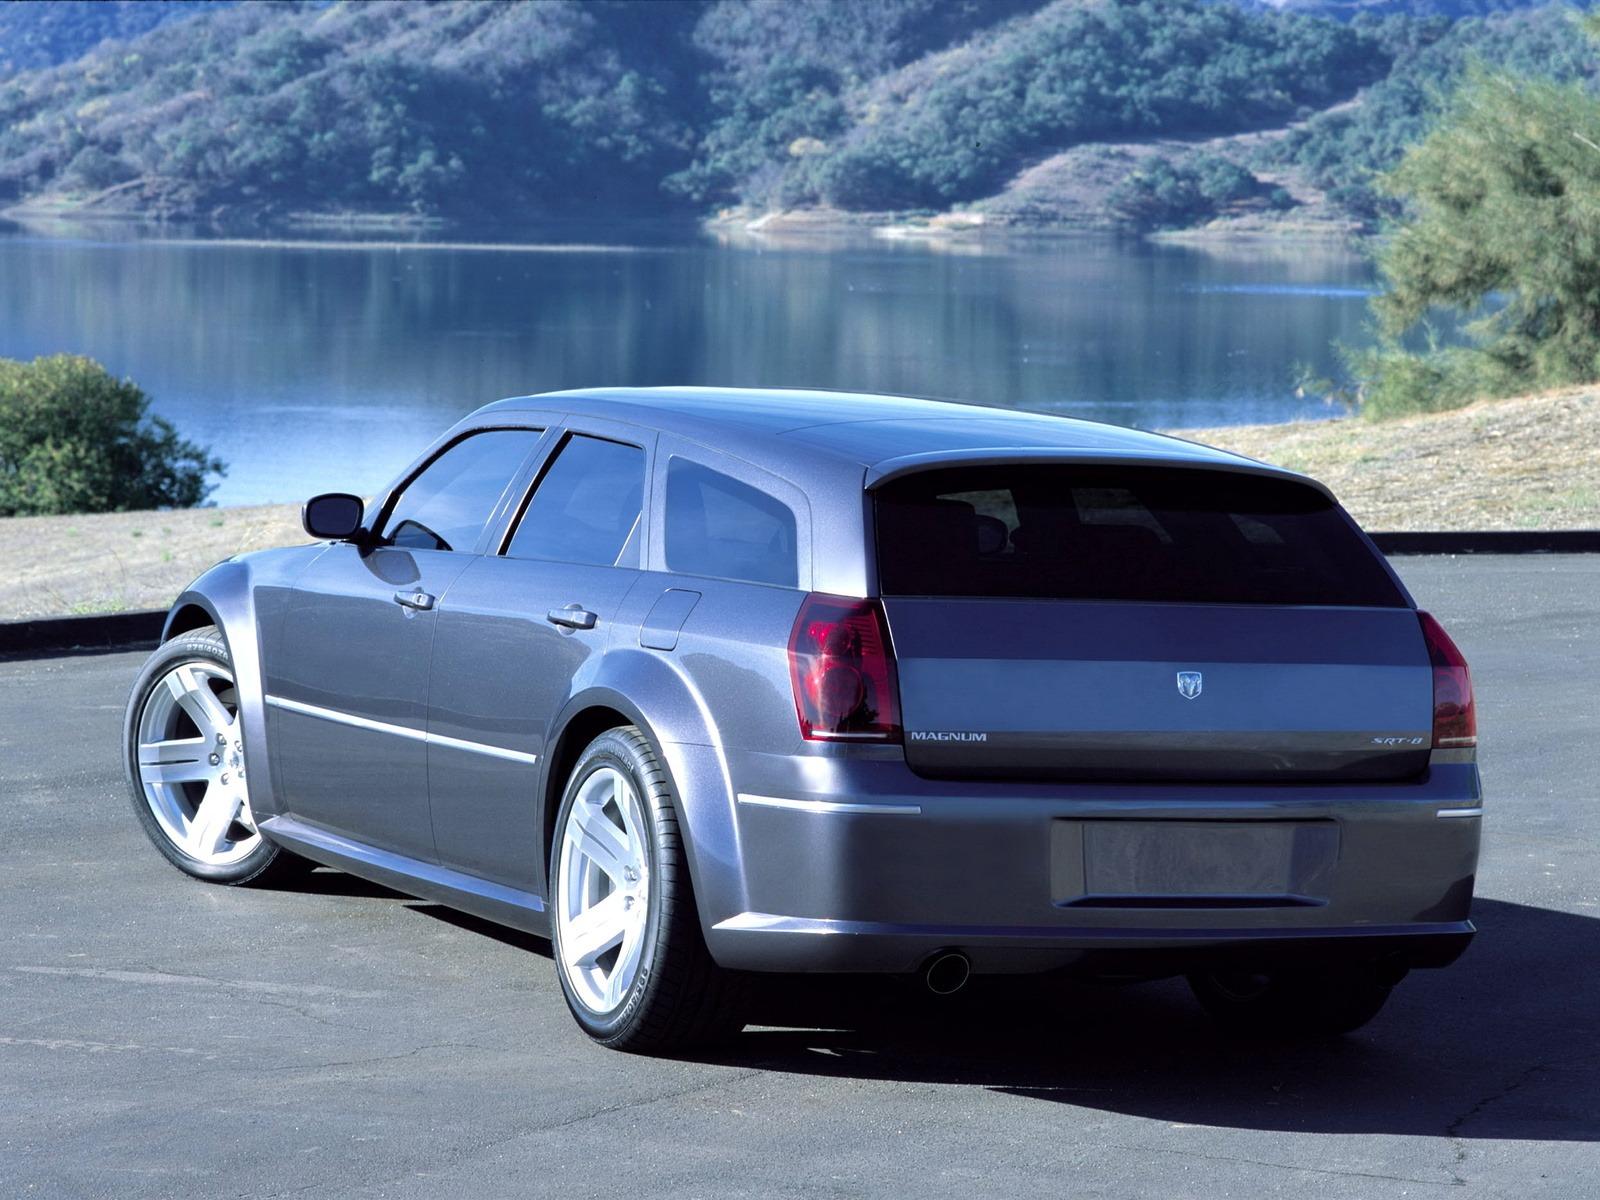 challeng-um? | Dodge magnum, Jeep srt8, Future concept cars |2014 Dodge Magnum Concept